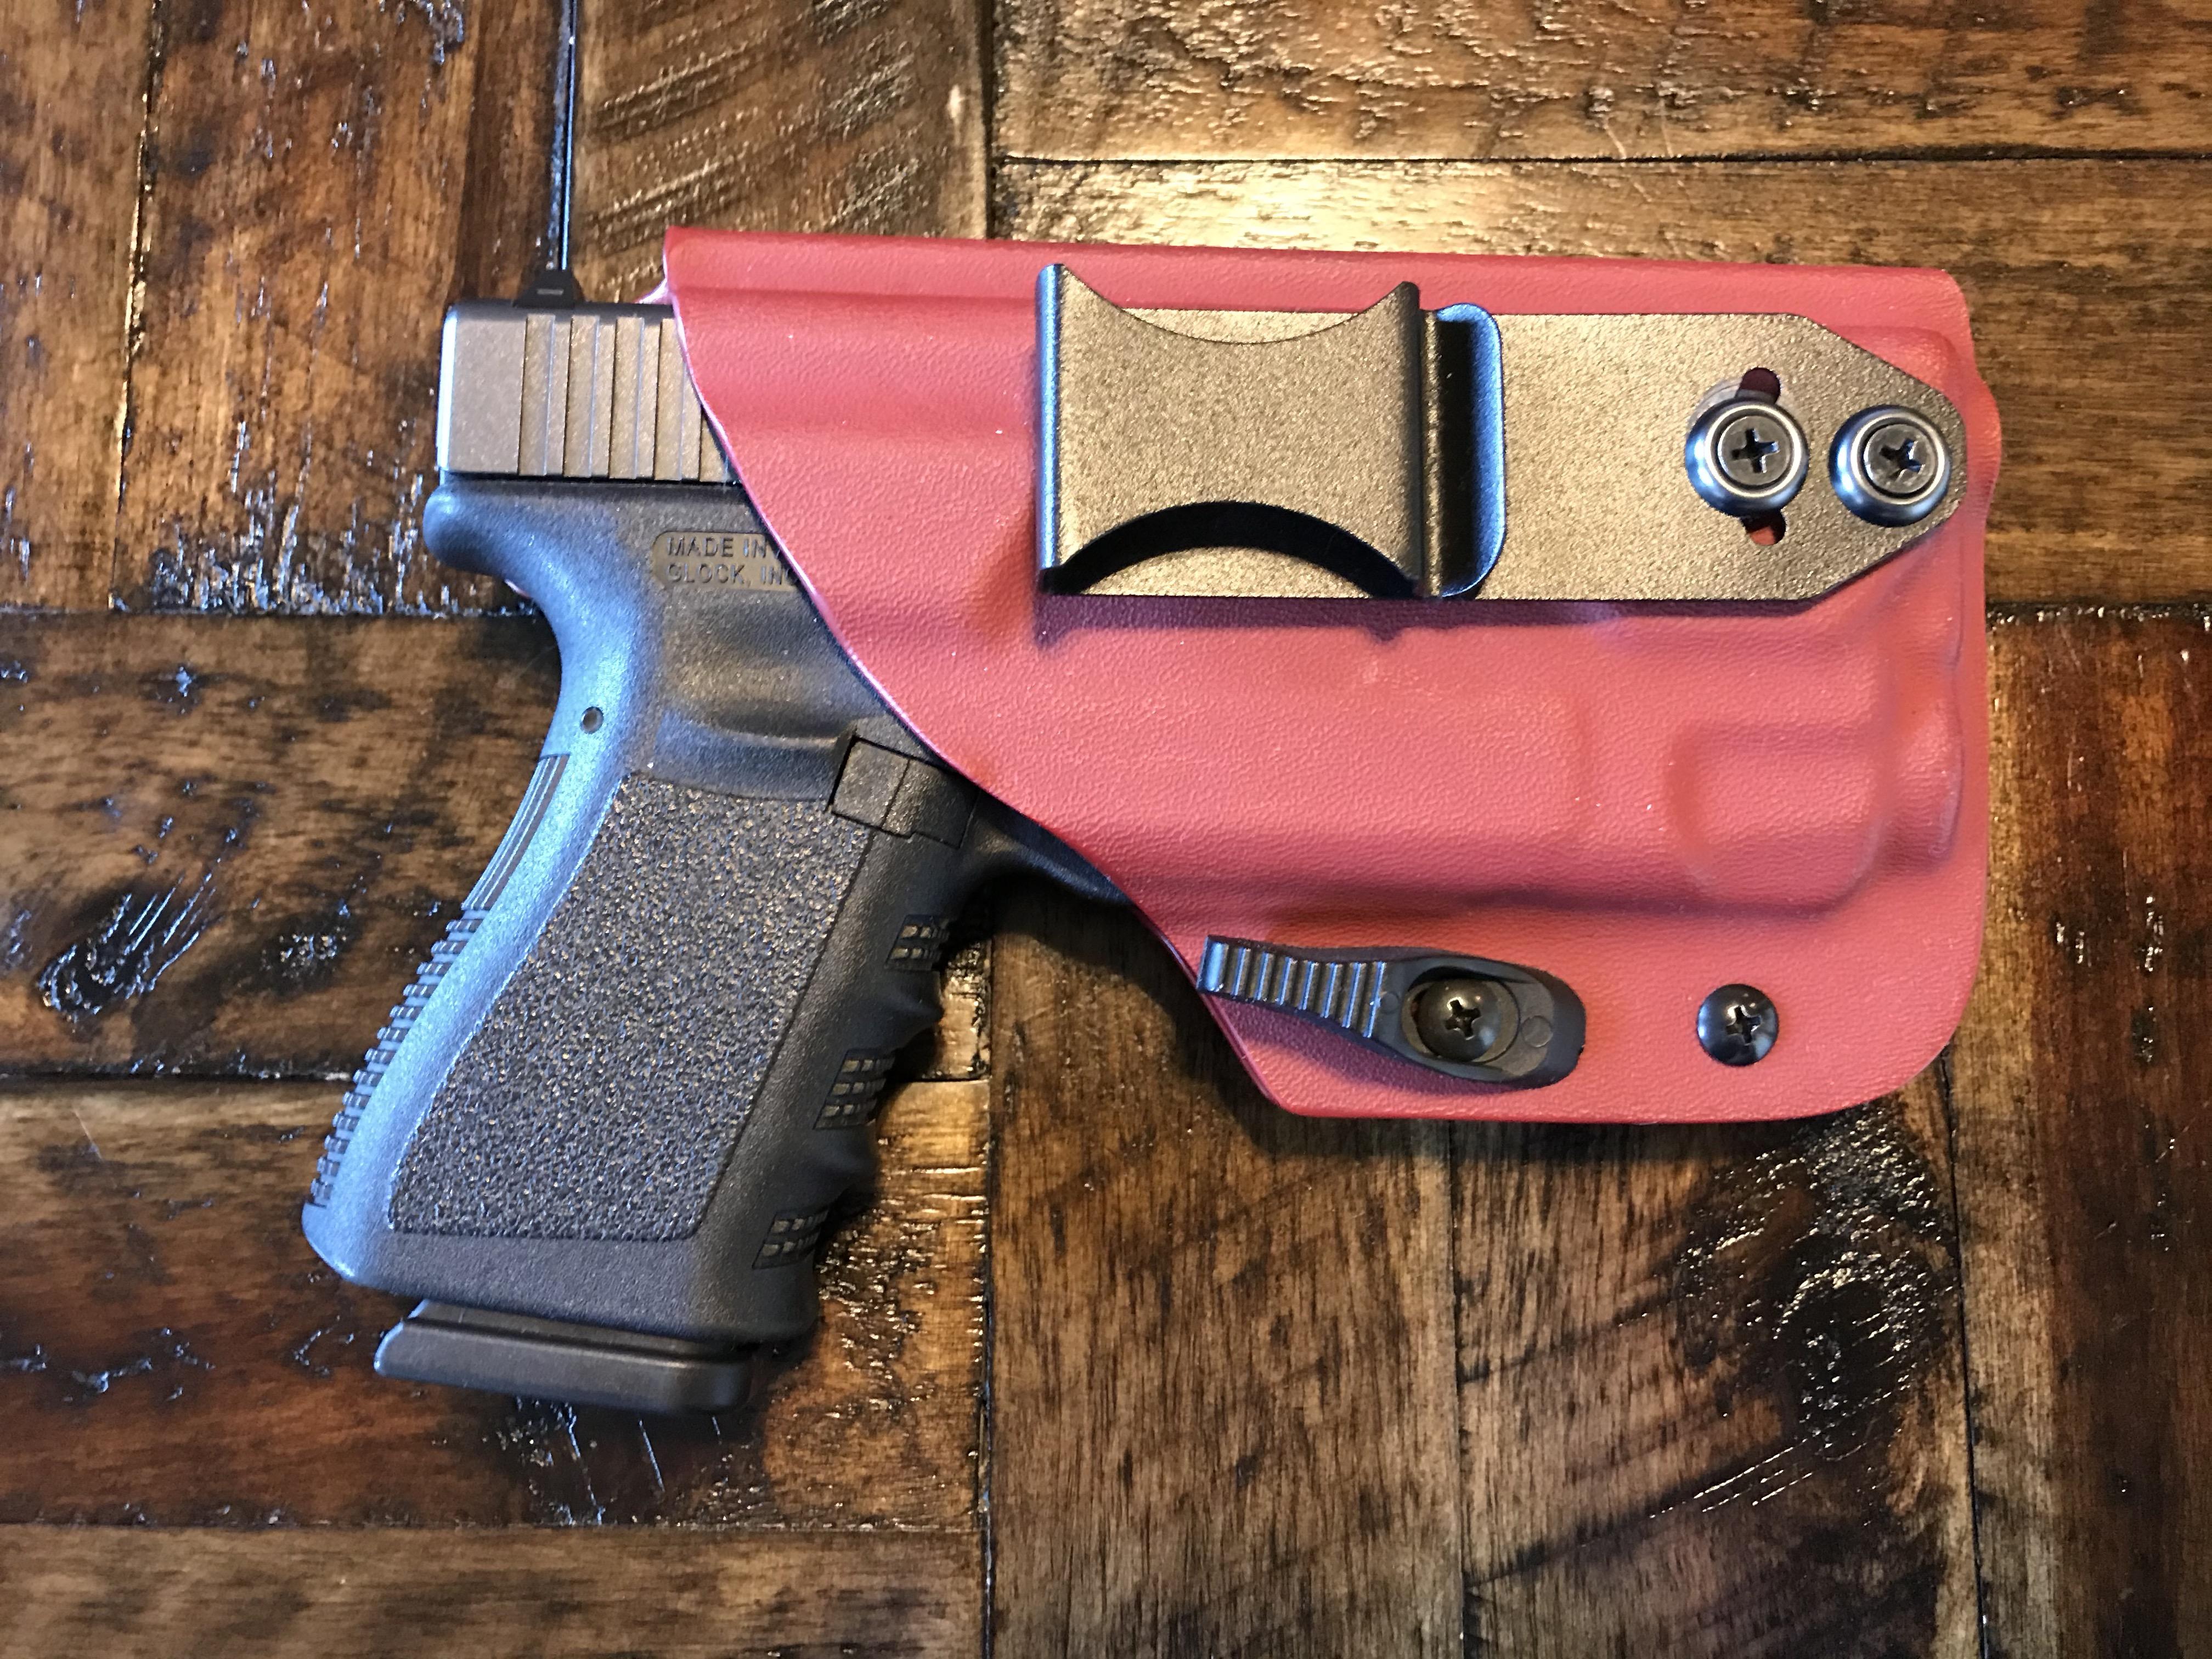 Vedder Holster for Glock 19/TLR 7 combo-c3pwtk0sthyagksz6brhfa.jpg